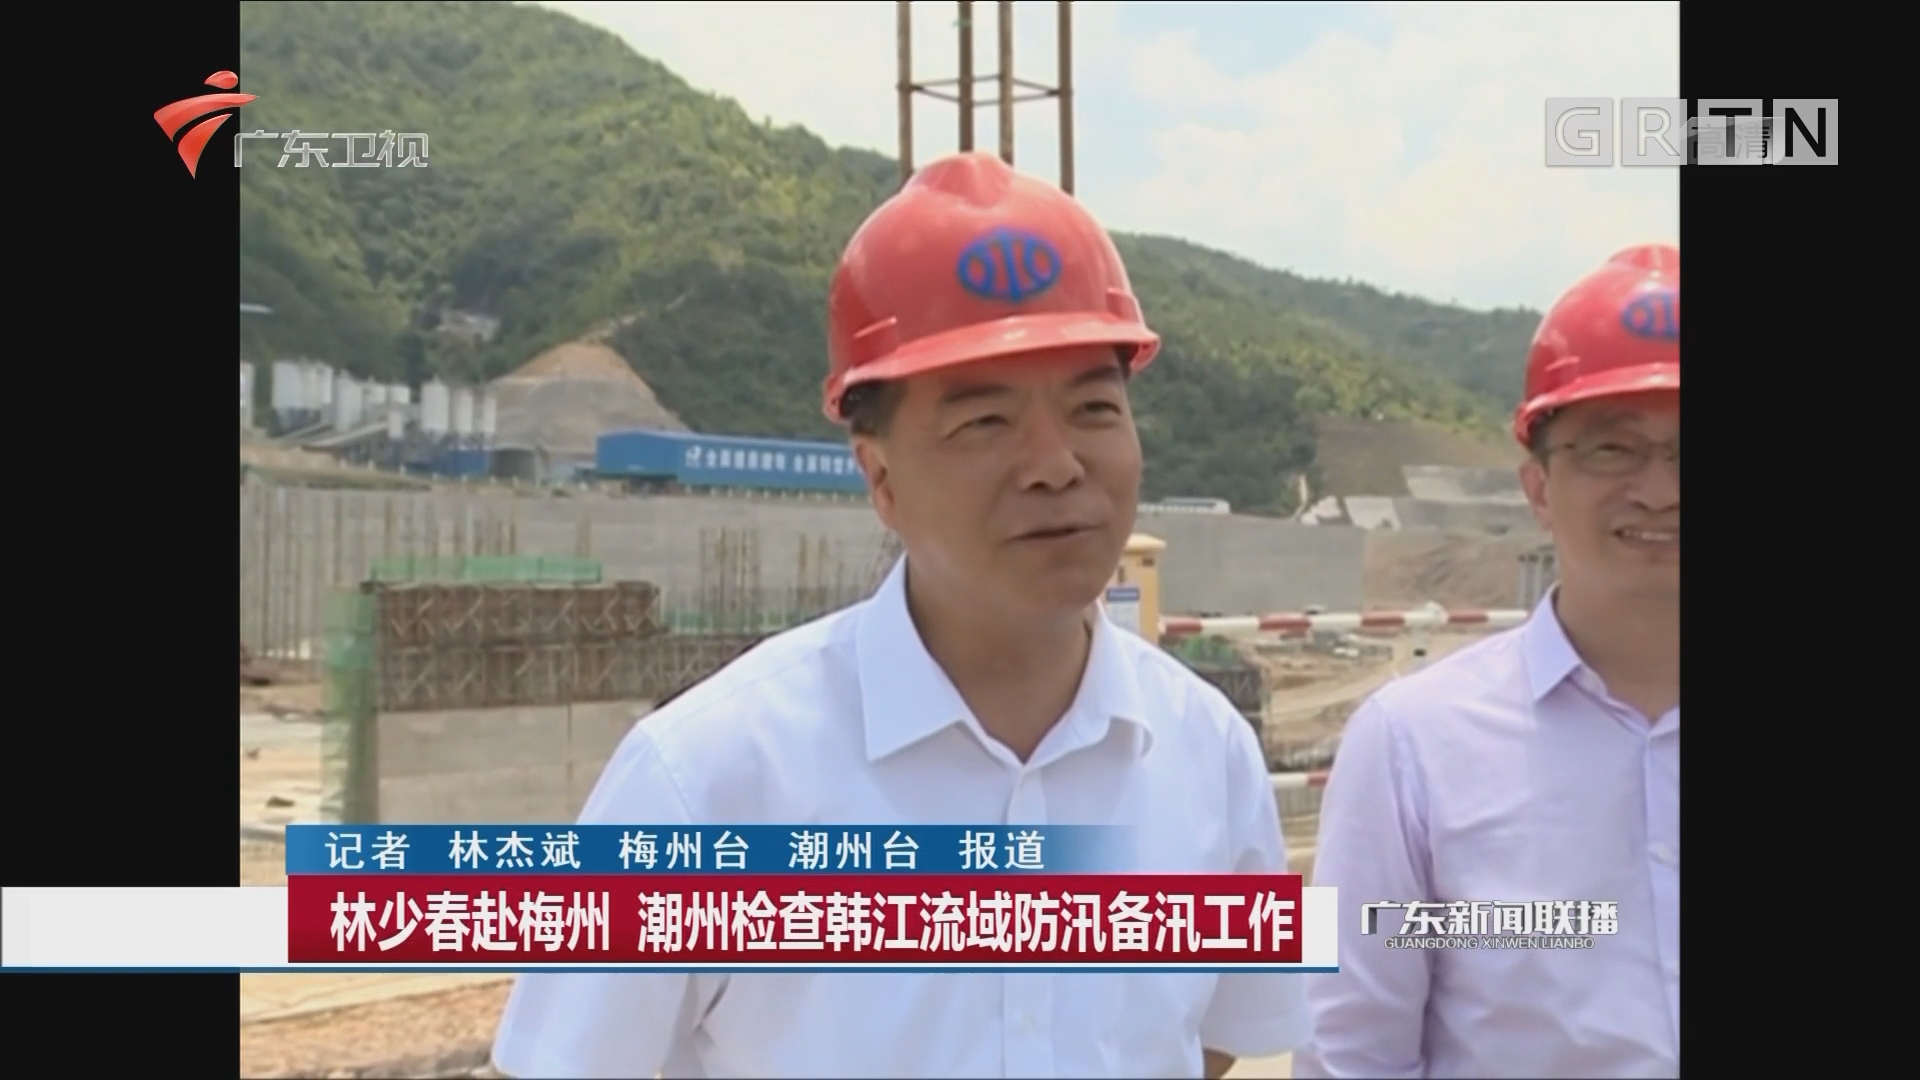 林少春赴梅州 潮州检查韩江流域防汛备汛工作